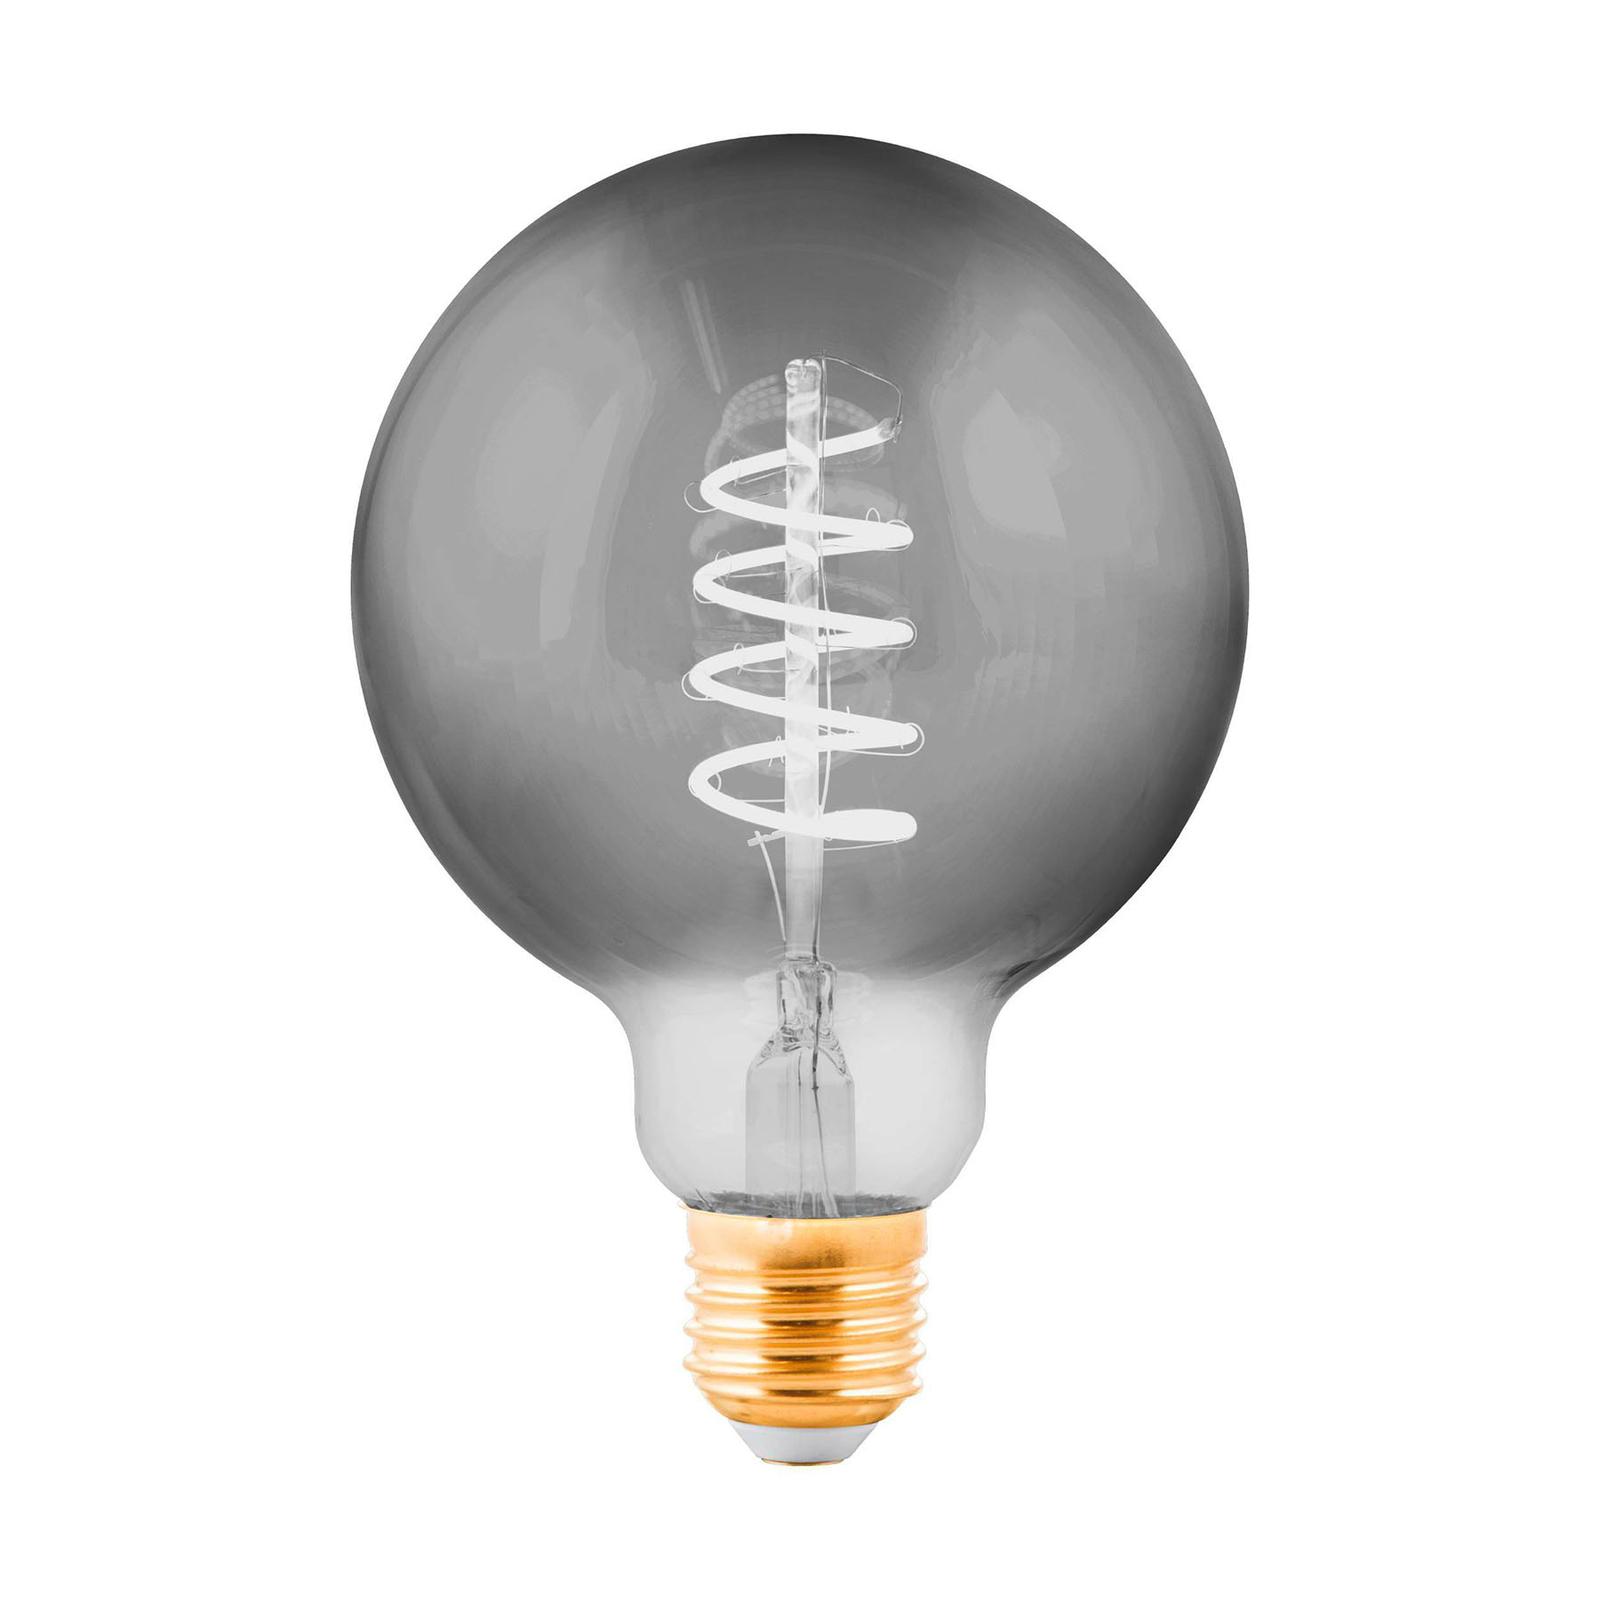 LED-Globelampe E27 4W schwarz-transparent Ø 9,5cm